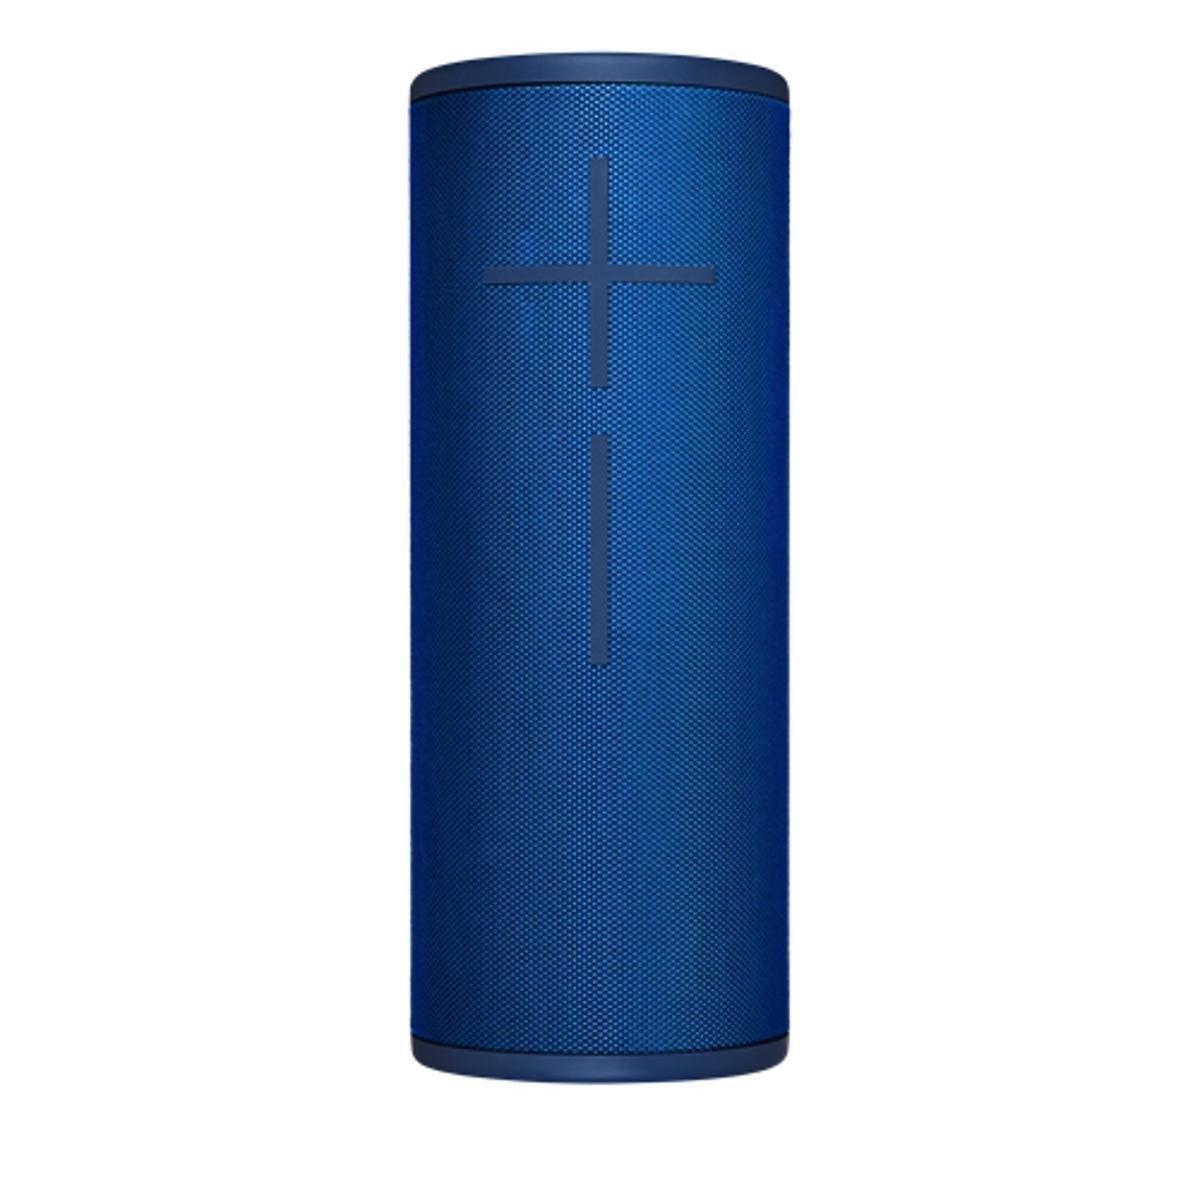 Caixa De Som Bluetooth Ue Megaboom 3 - Azul